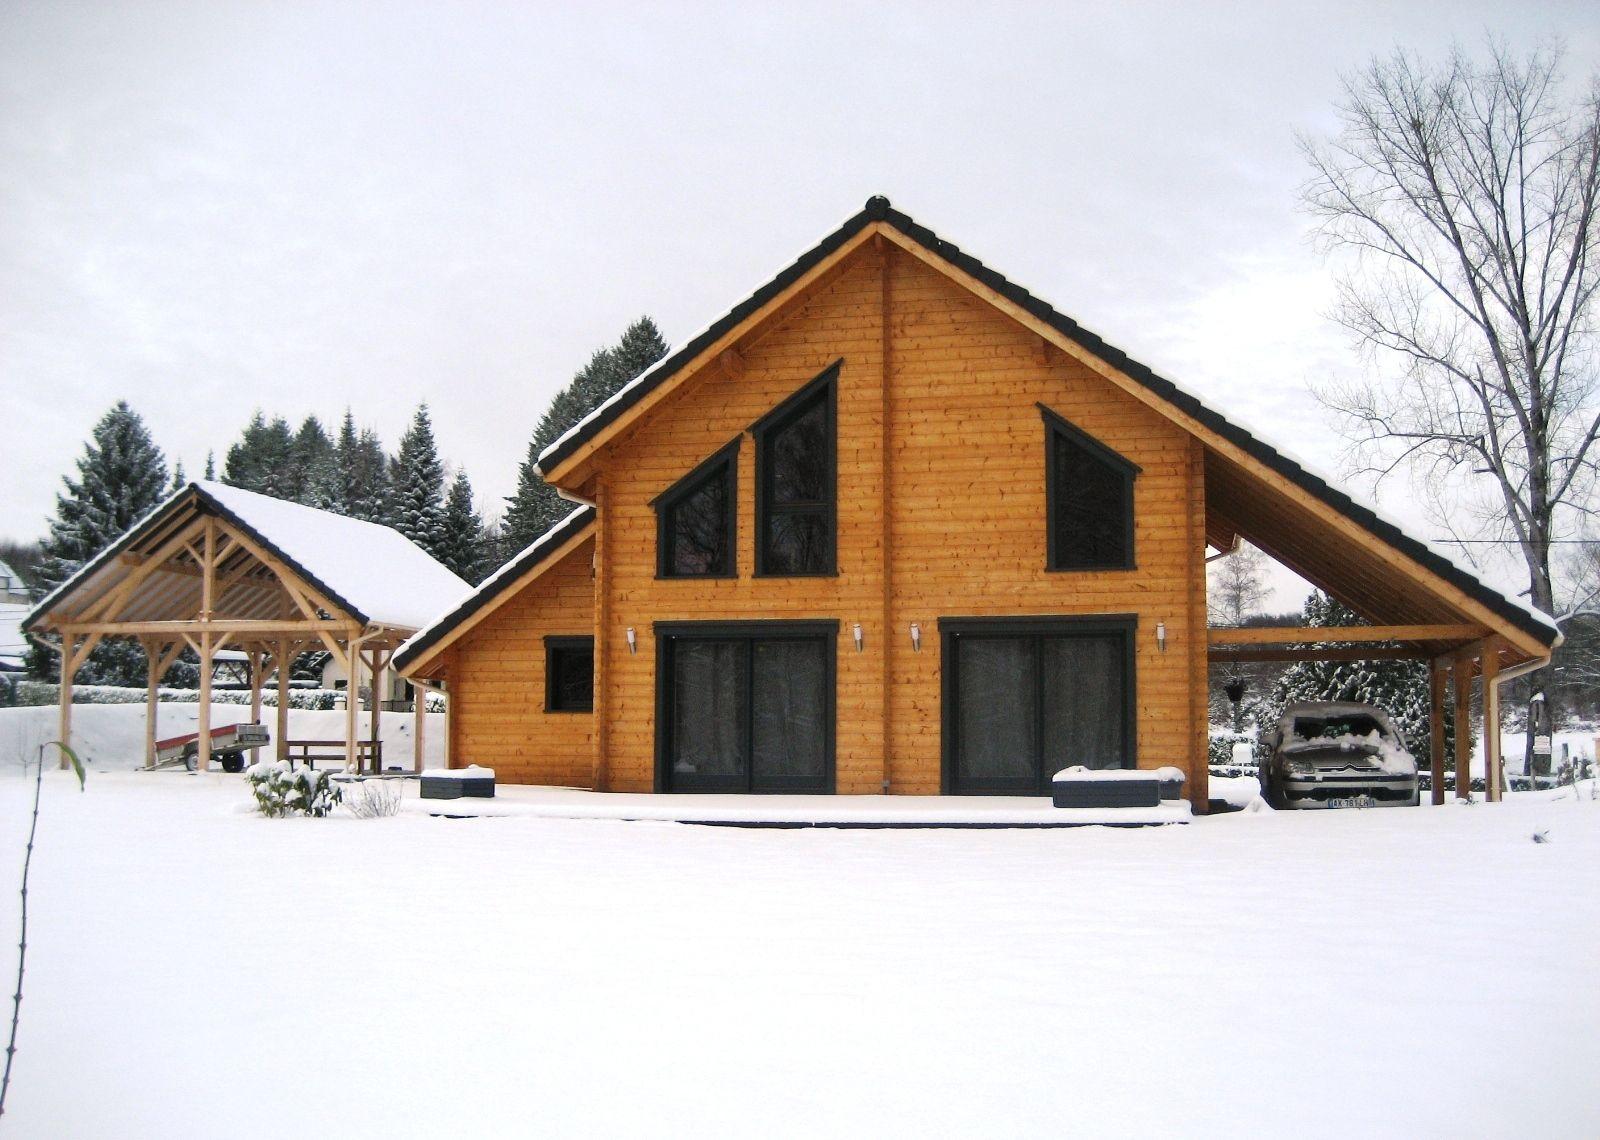 Maison en kit maitriser son budget maison pinterest for Budget maison ossature bois